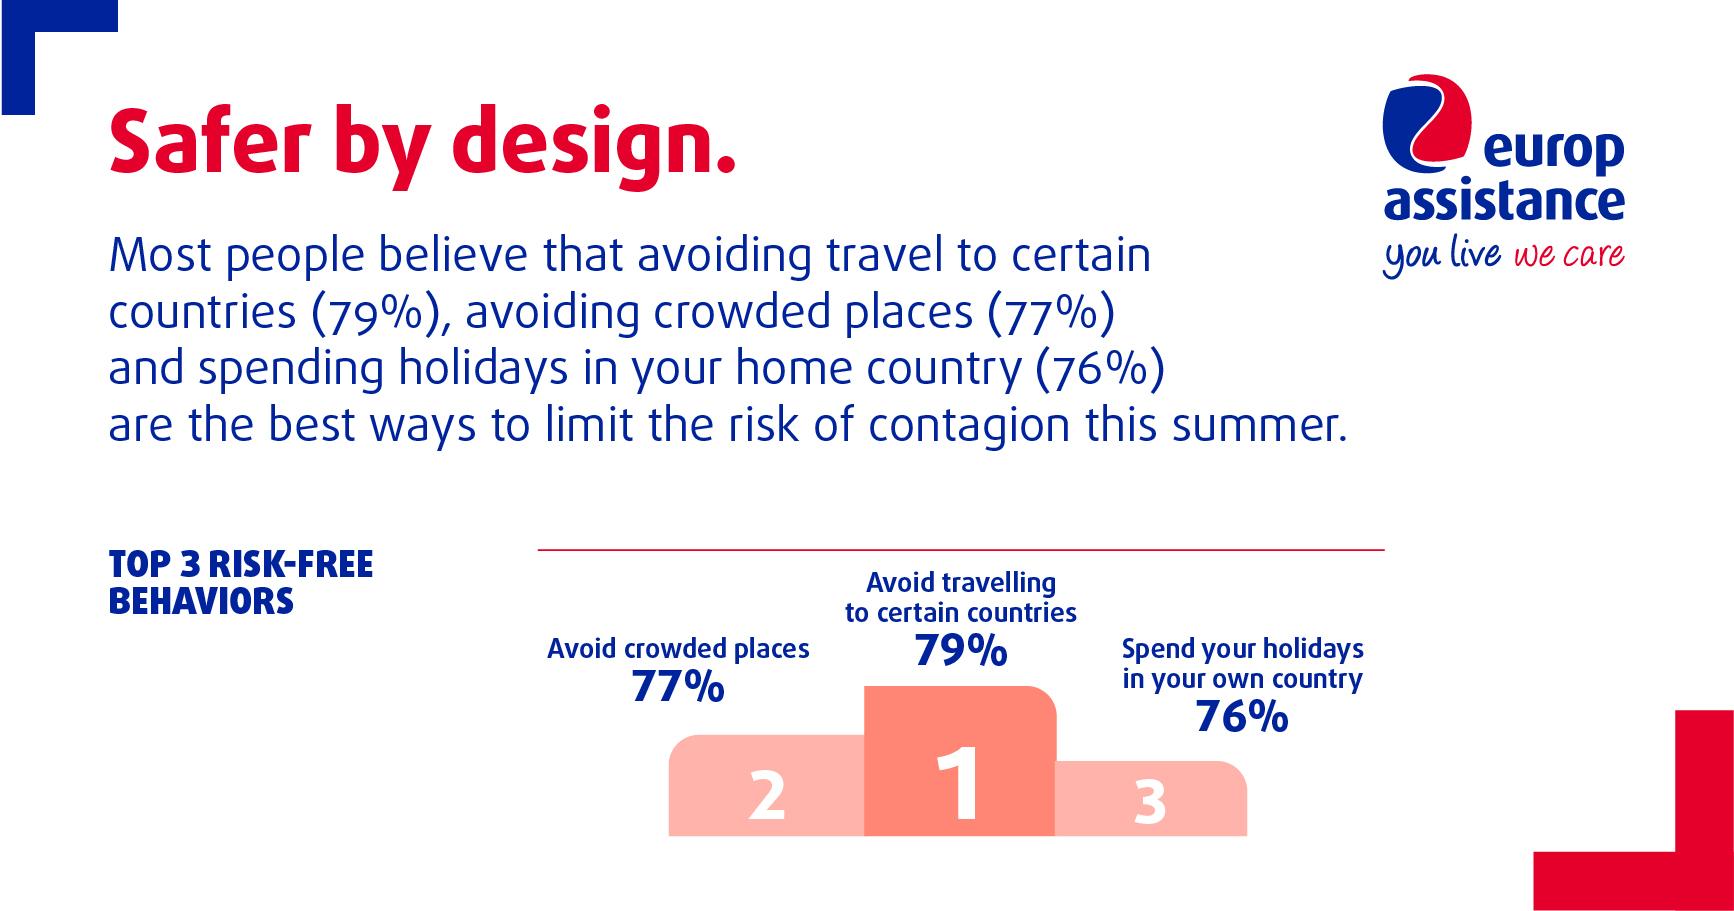 นักท่องเที่ยวไทยยังคงอยากเที่ยวในประเทศ ในปีหน้า 2564